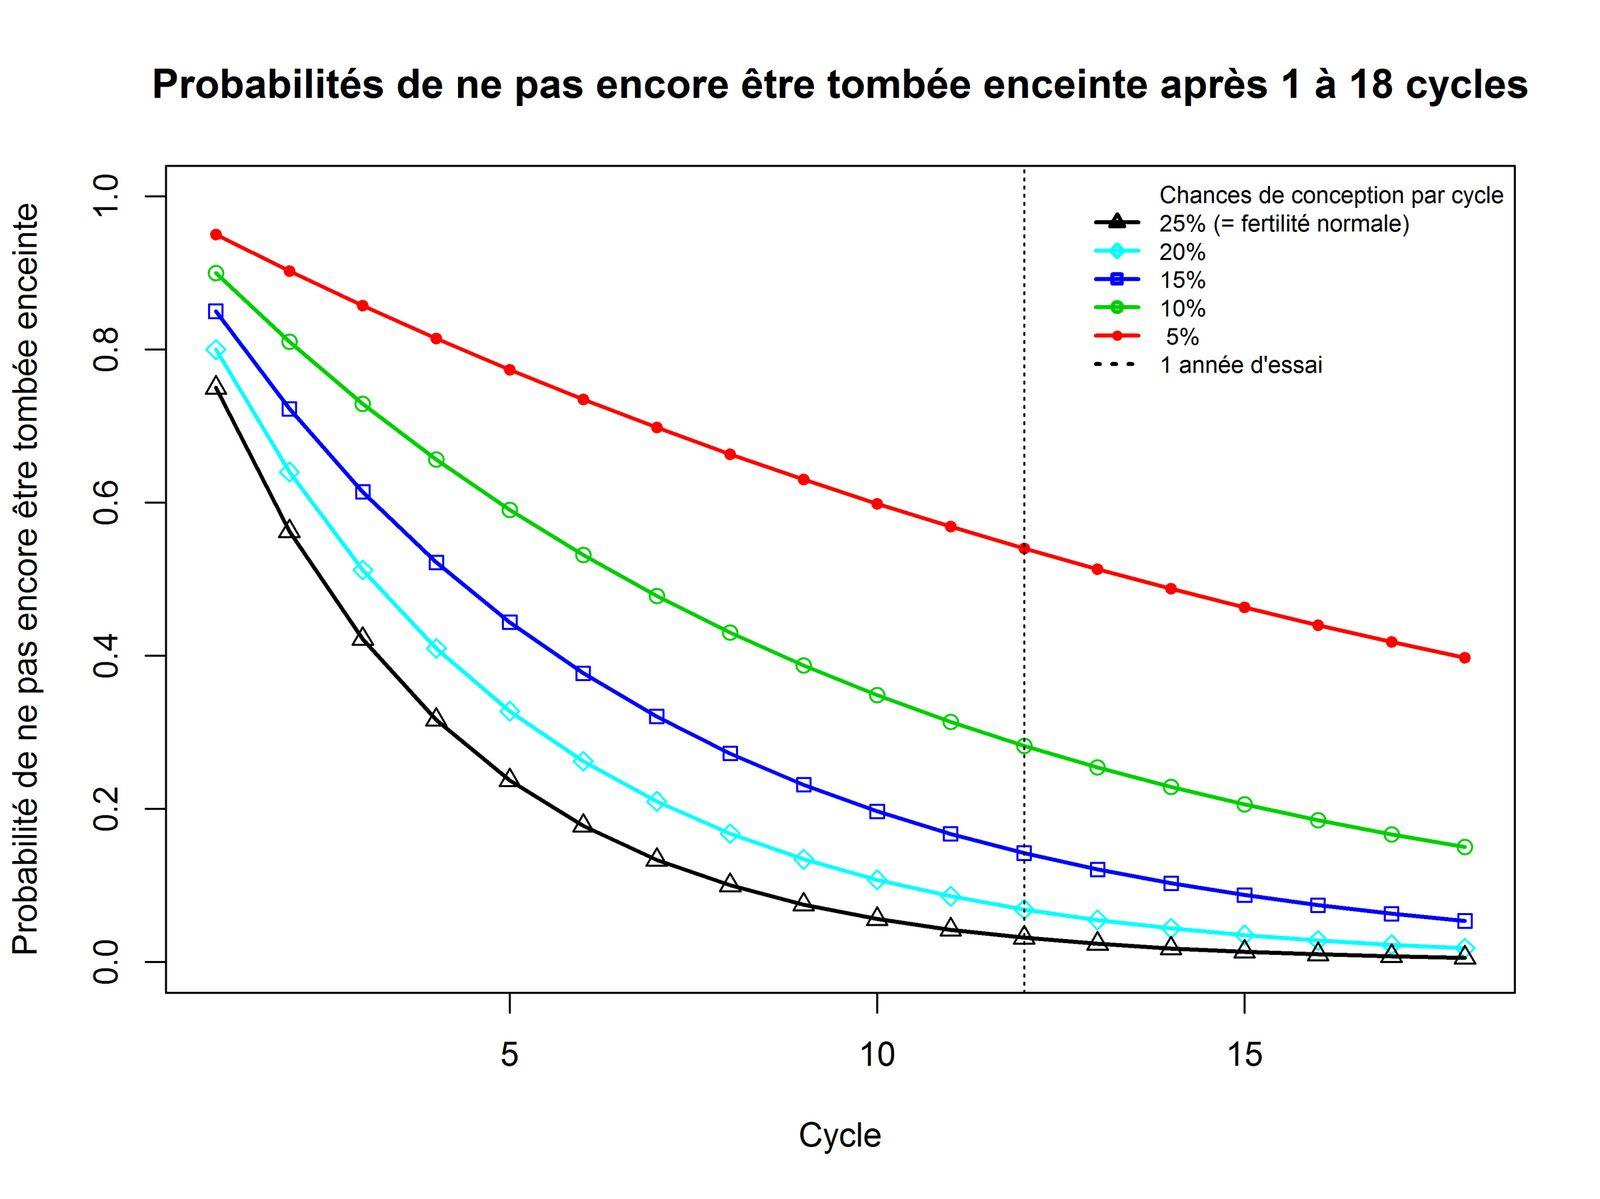 Probabilités de ne pas encore être tombée enceinte au bout de 1 à 18 cycles, en fonction de la probabilité de conception pour un cycle (entre 5 et 25%)